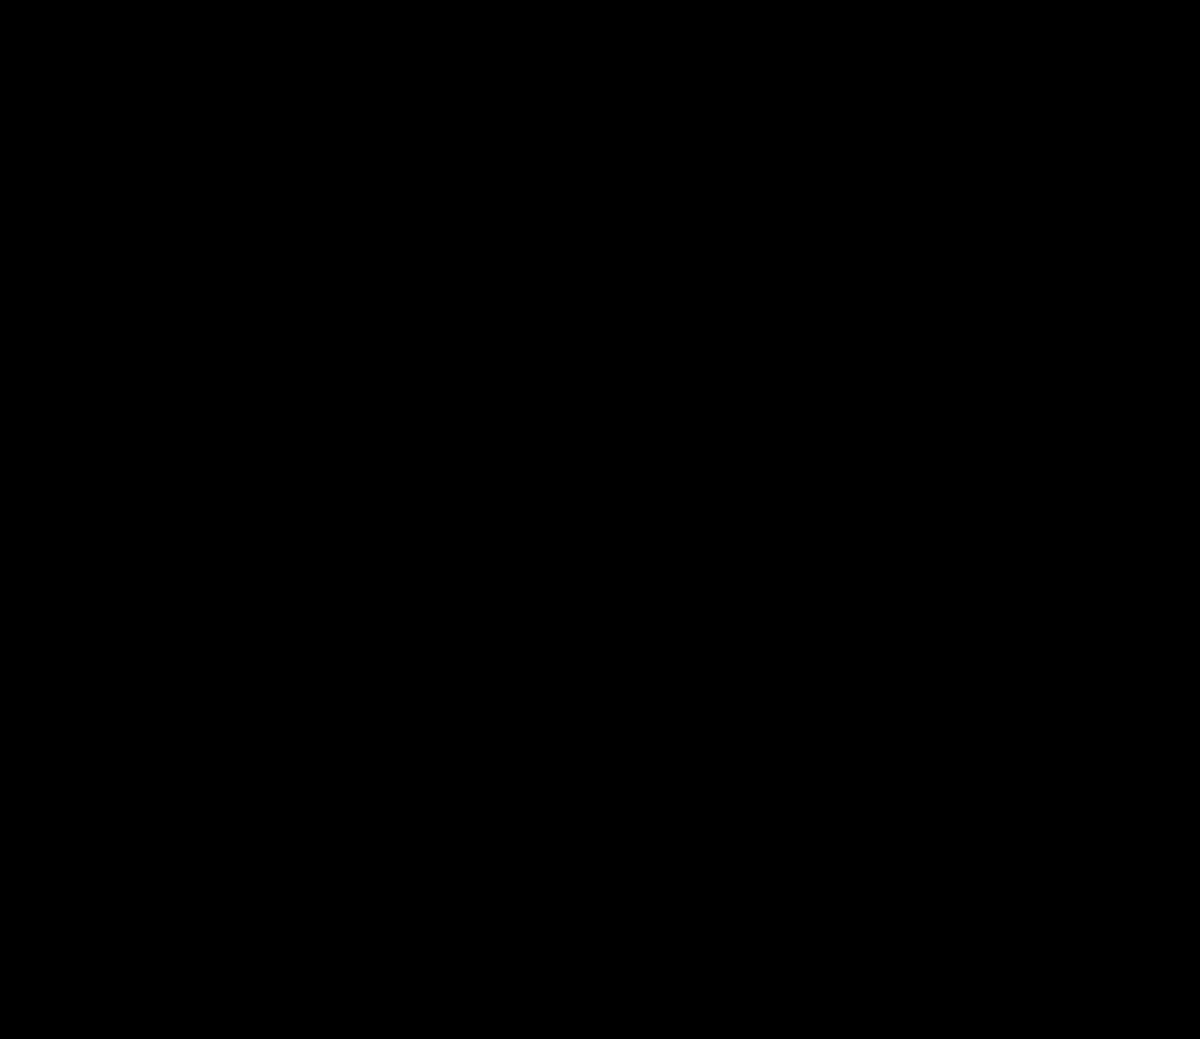 f:id:dai-ig:20200126145130p:plain:w480